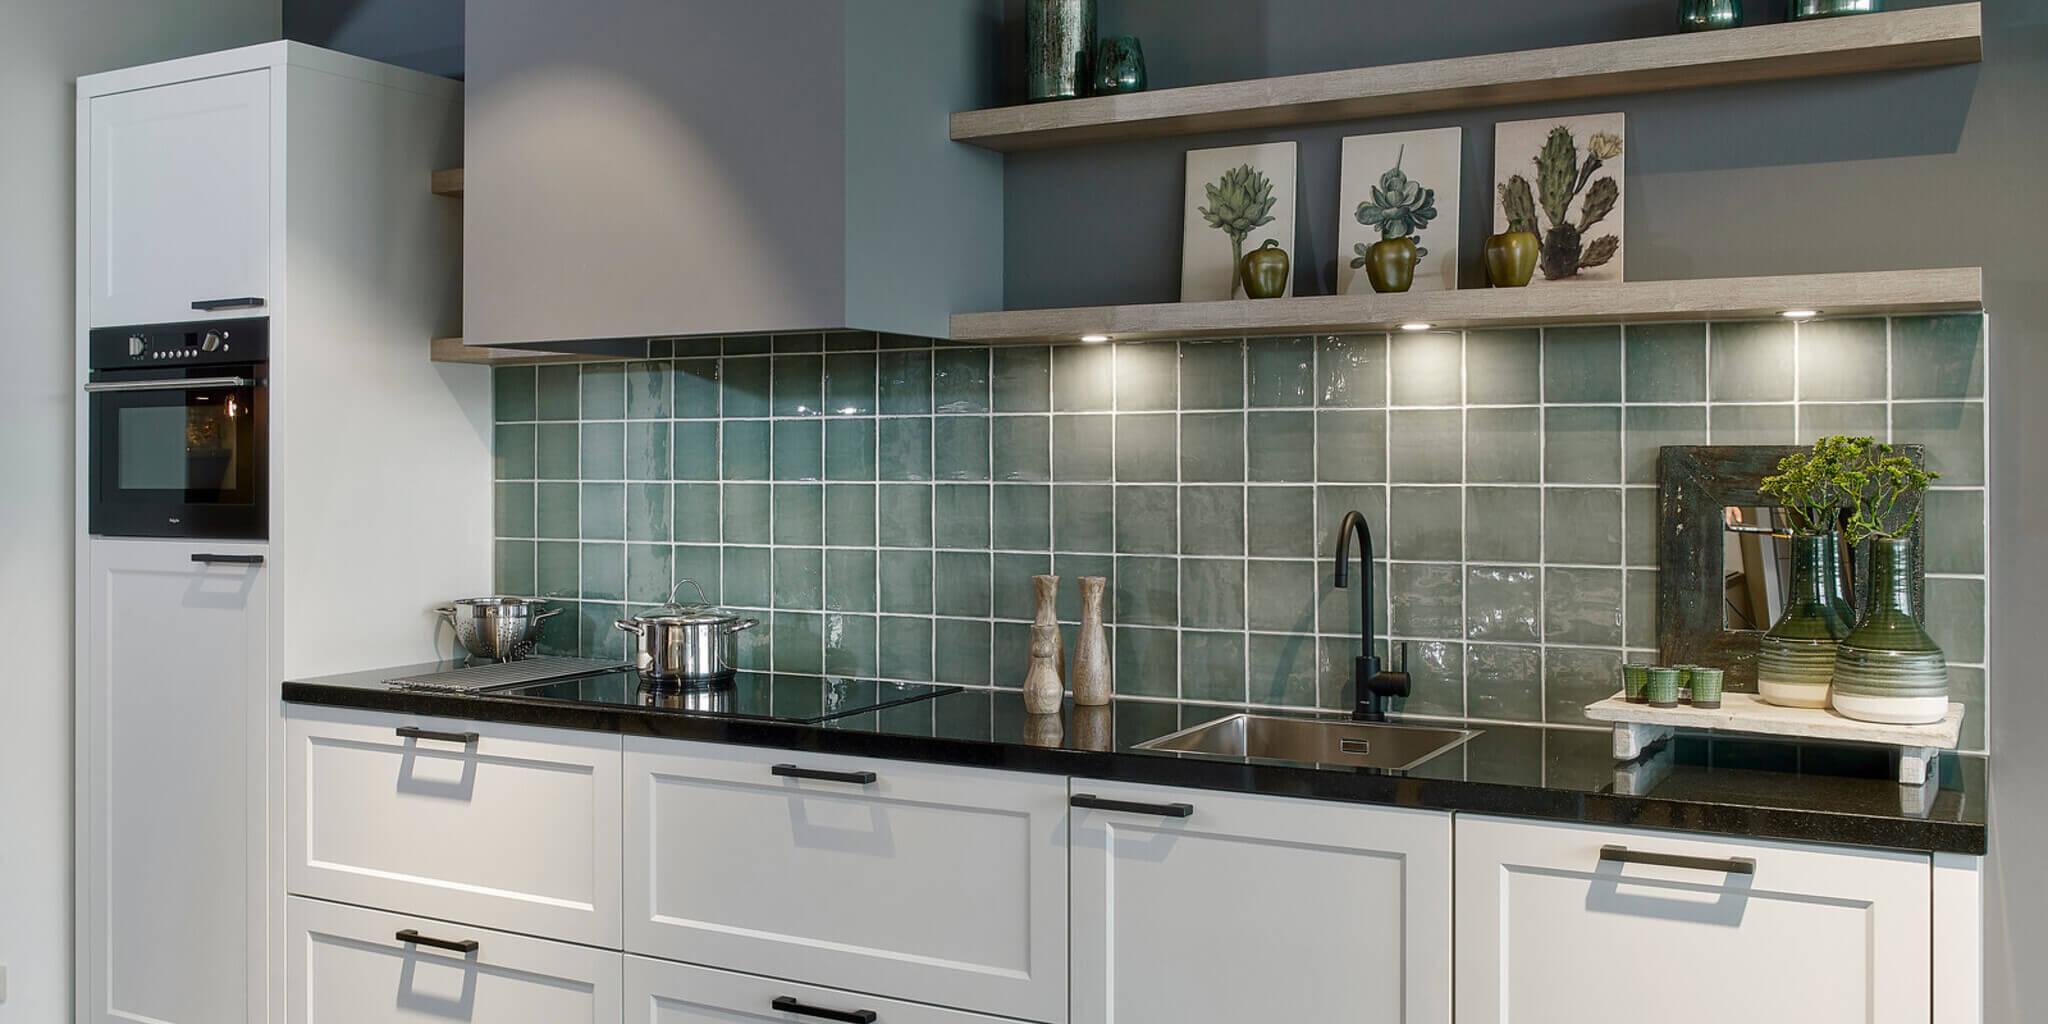 Kleine Keuken Maak Gebruik Van Onze Tips Tieleman Keukens